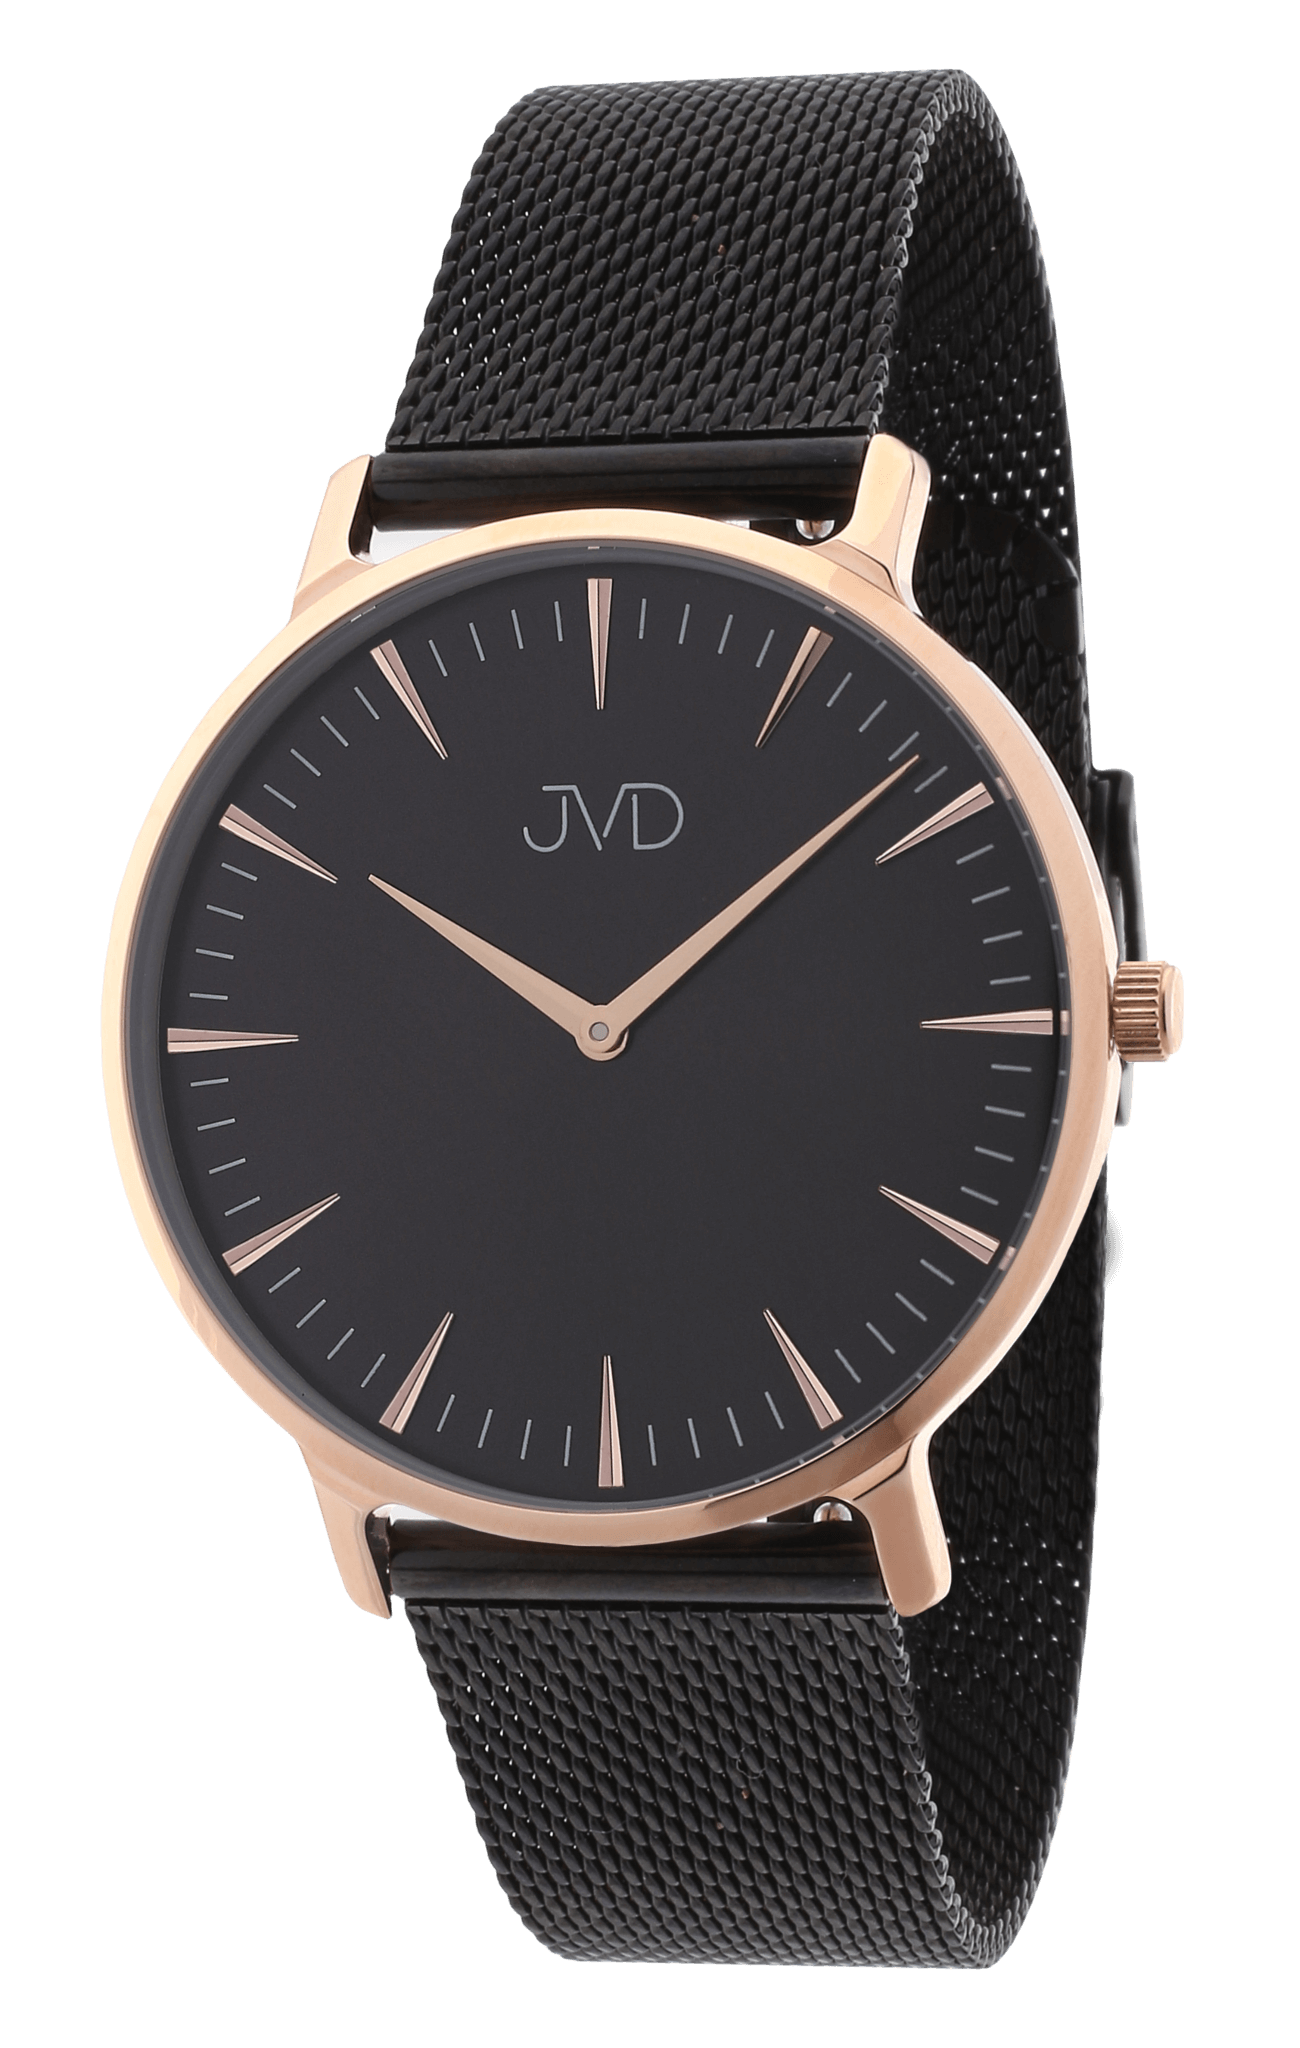 Luxusní dámské elegantní nerezové ocelové hodinky JVD J-TS13 ... 0f0191cfd5e